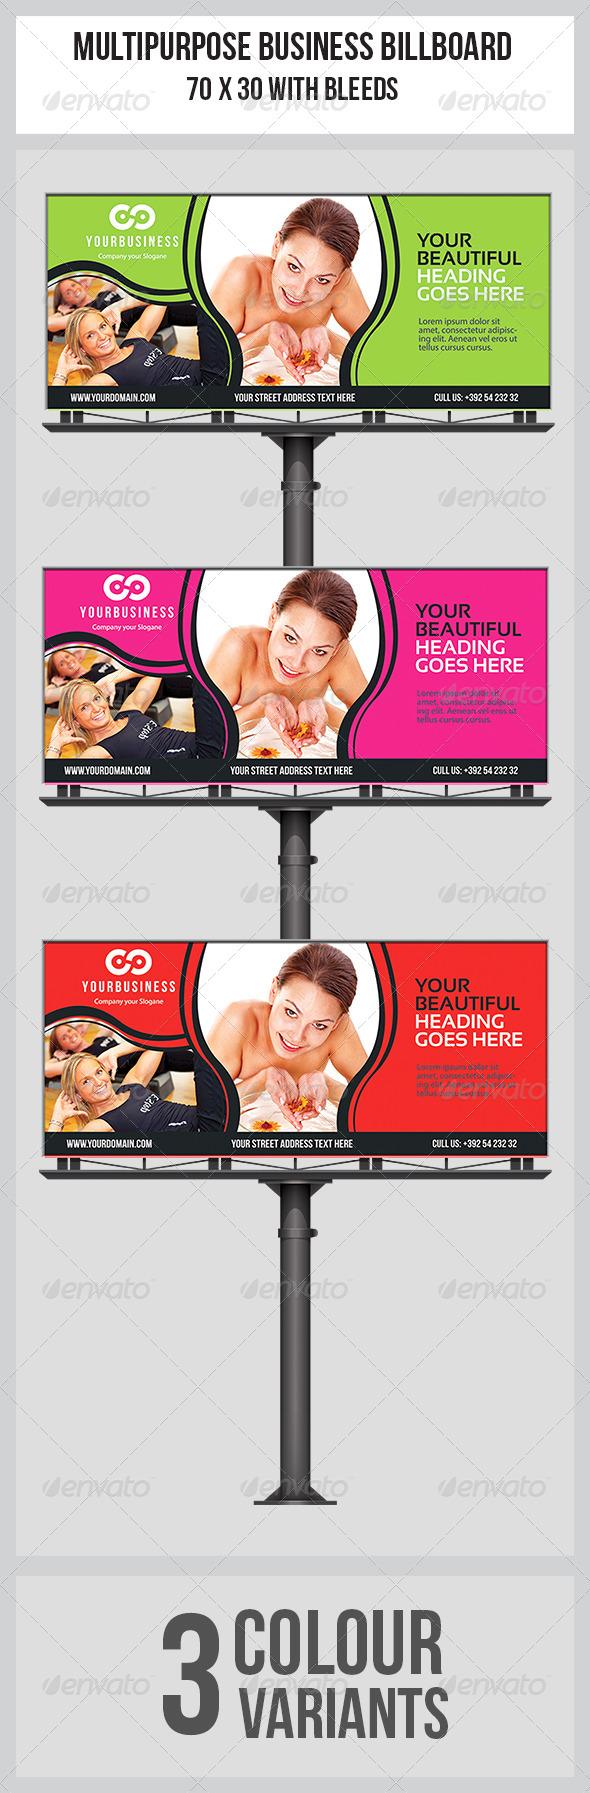 GraphicRiver Multipurpose Business Billboard Template 7142955